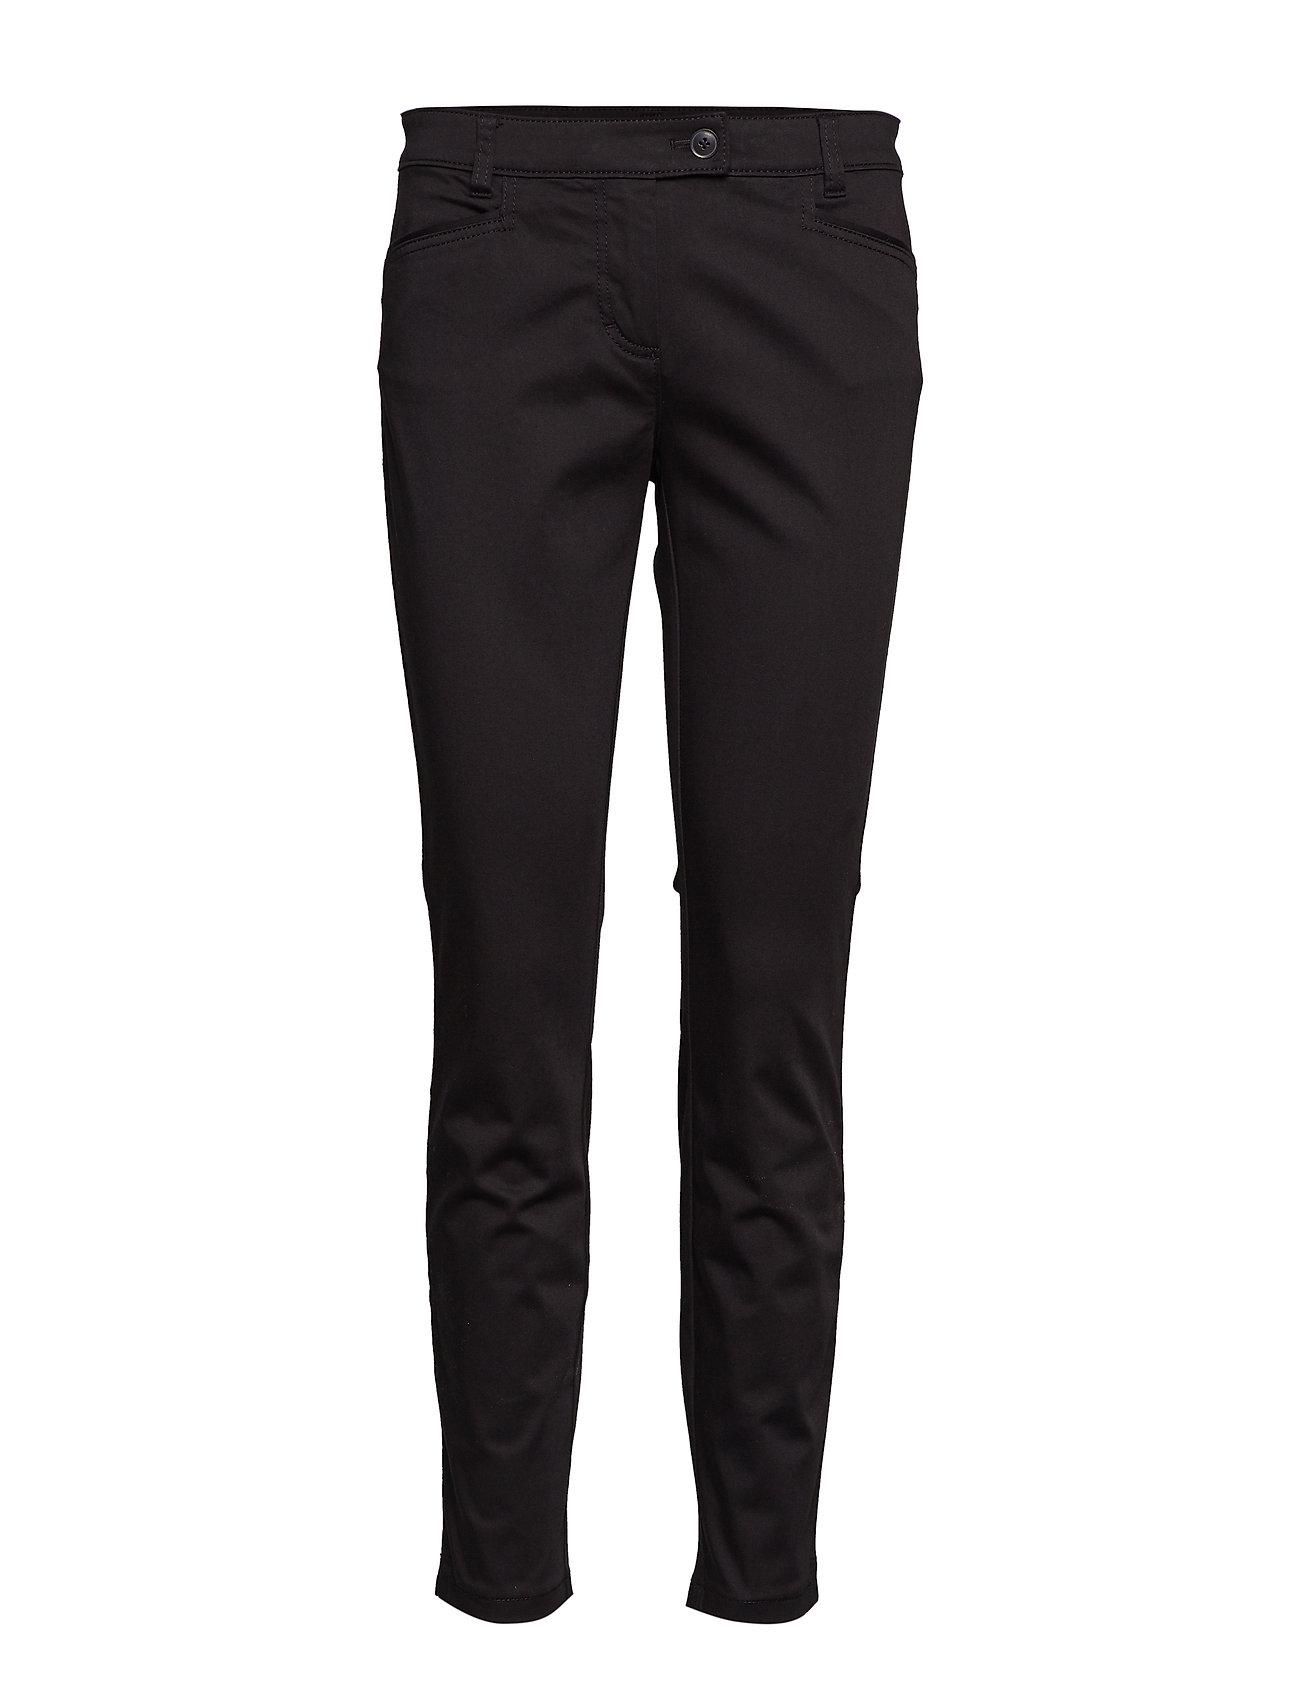 Marc O'Polo Woven Pants - BLACK